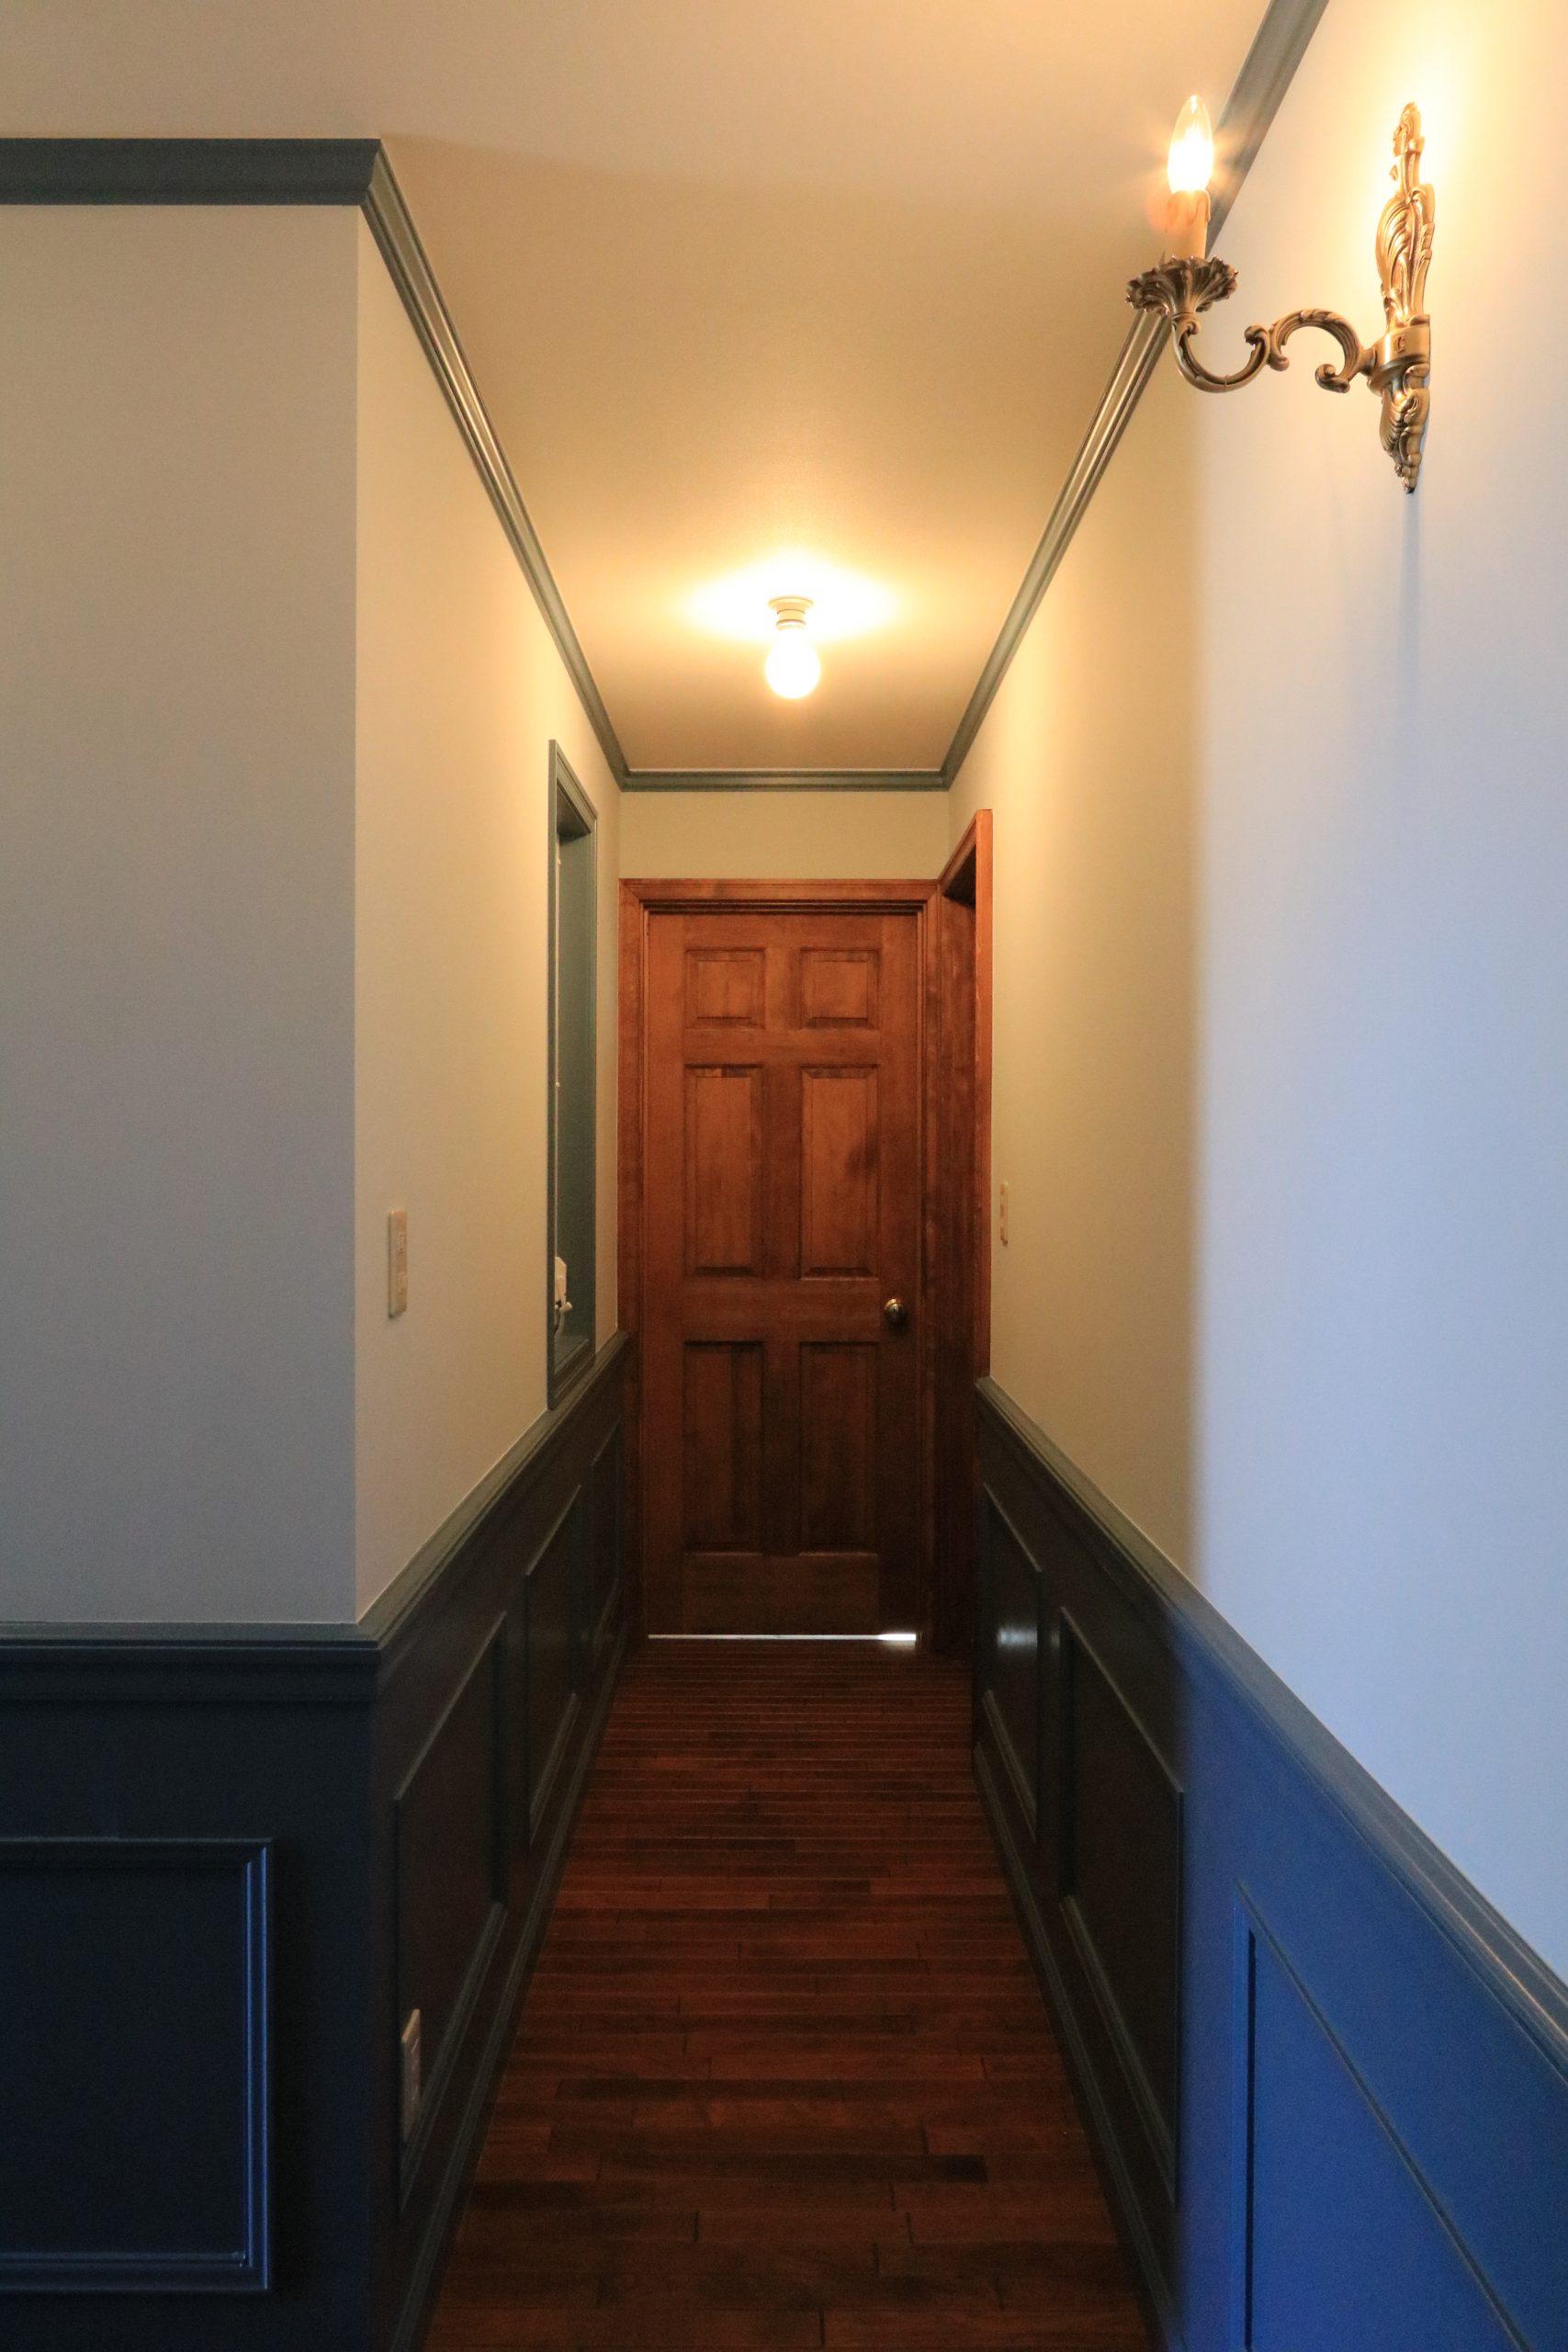 廊下の照明器具は、古城にあるようなクラシカルな蝋燭型。